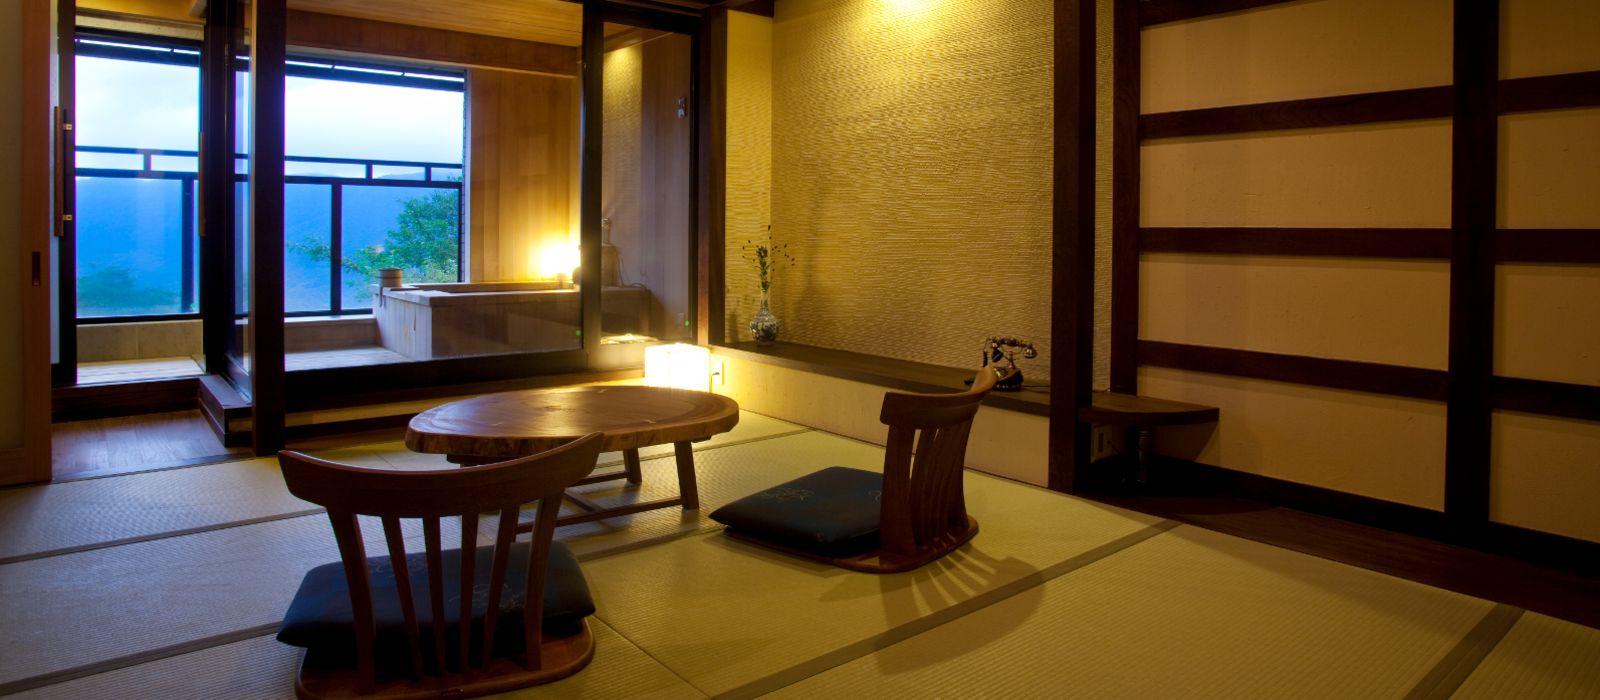 Hotel Gora Hanaougi Japan